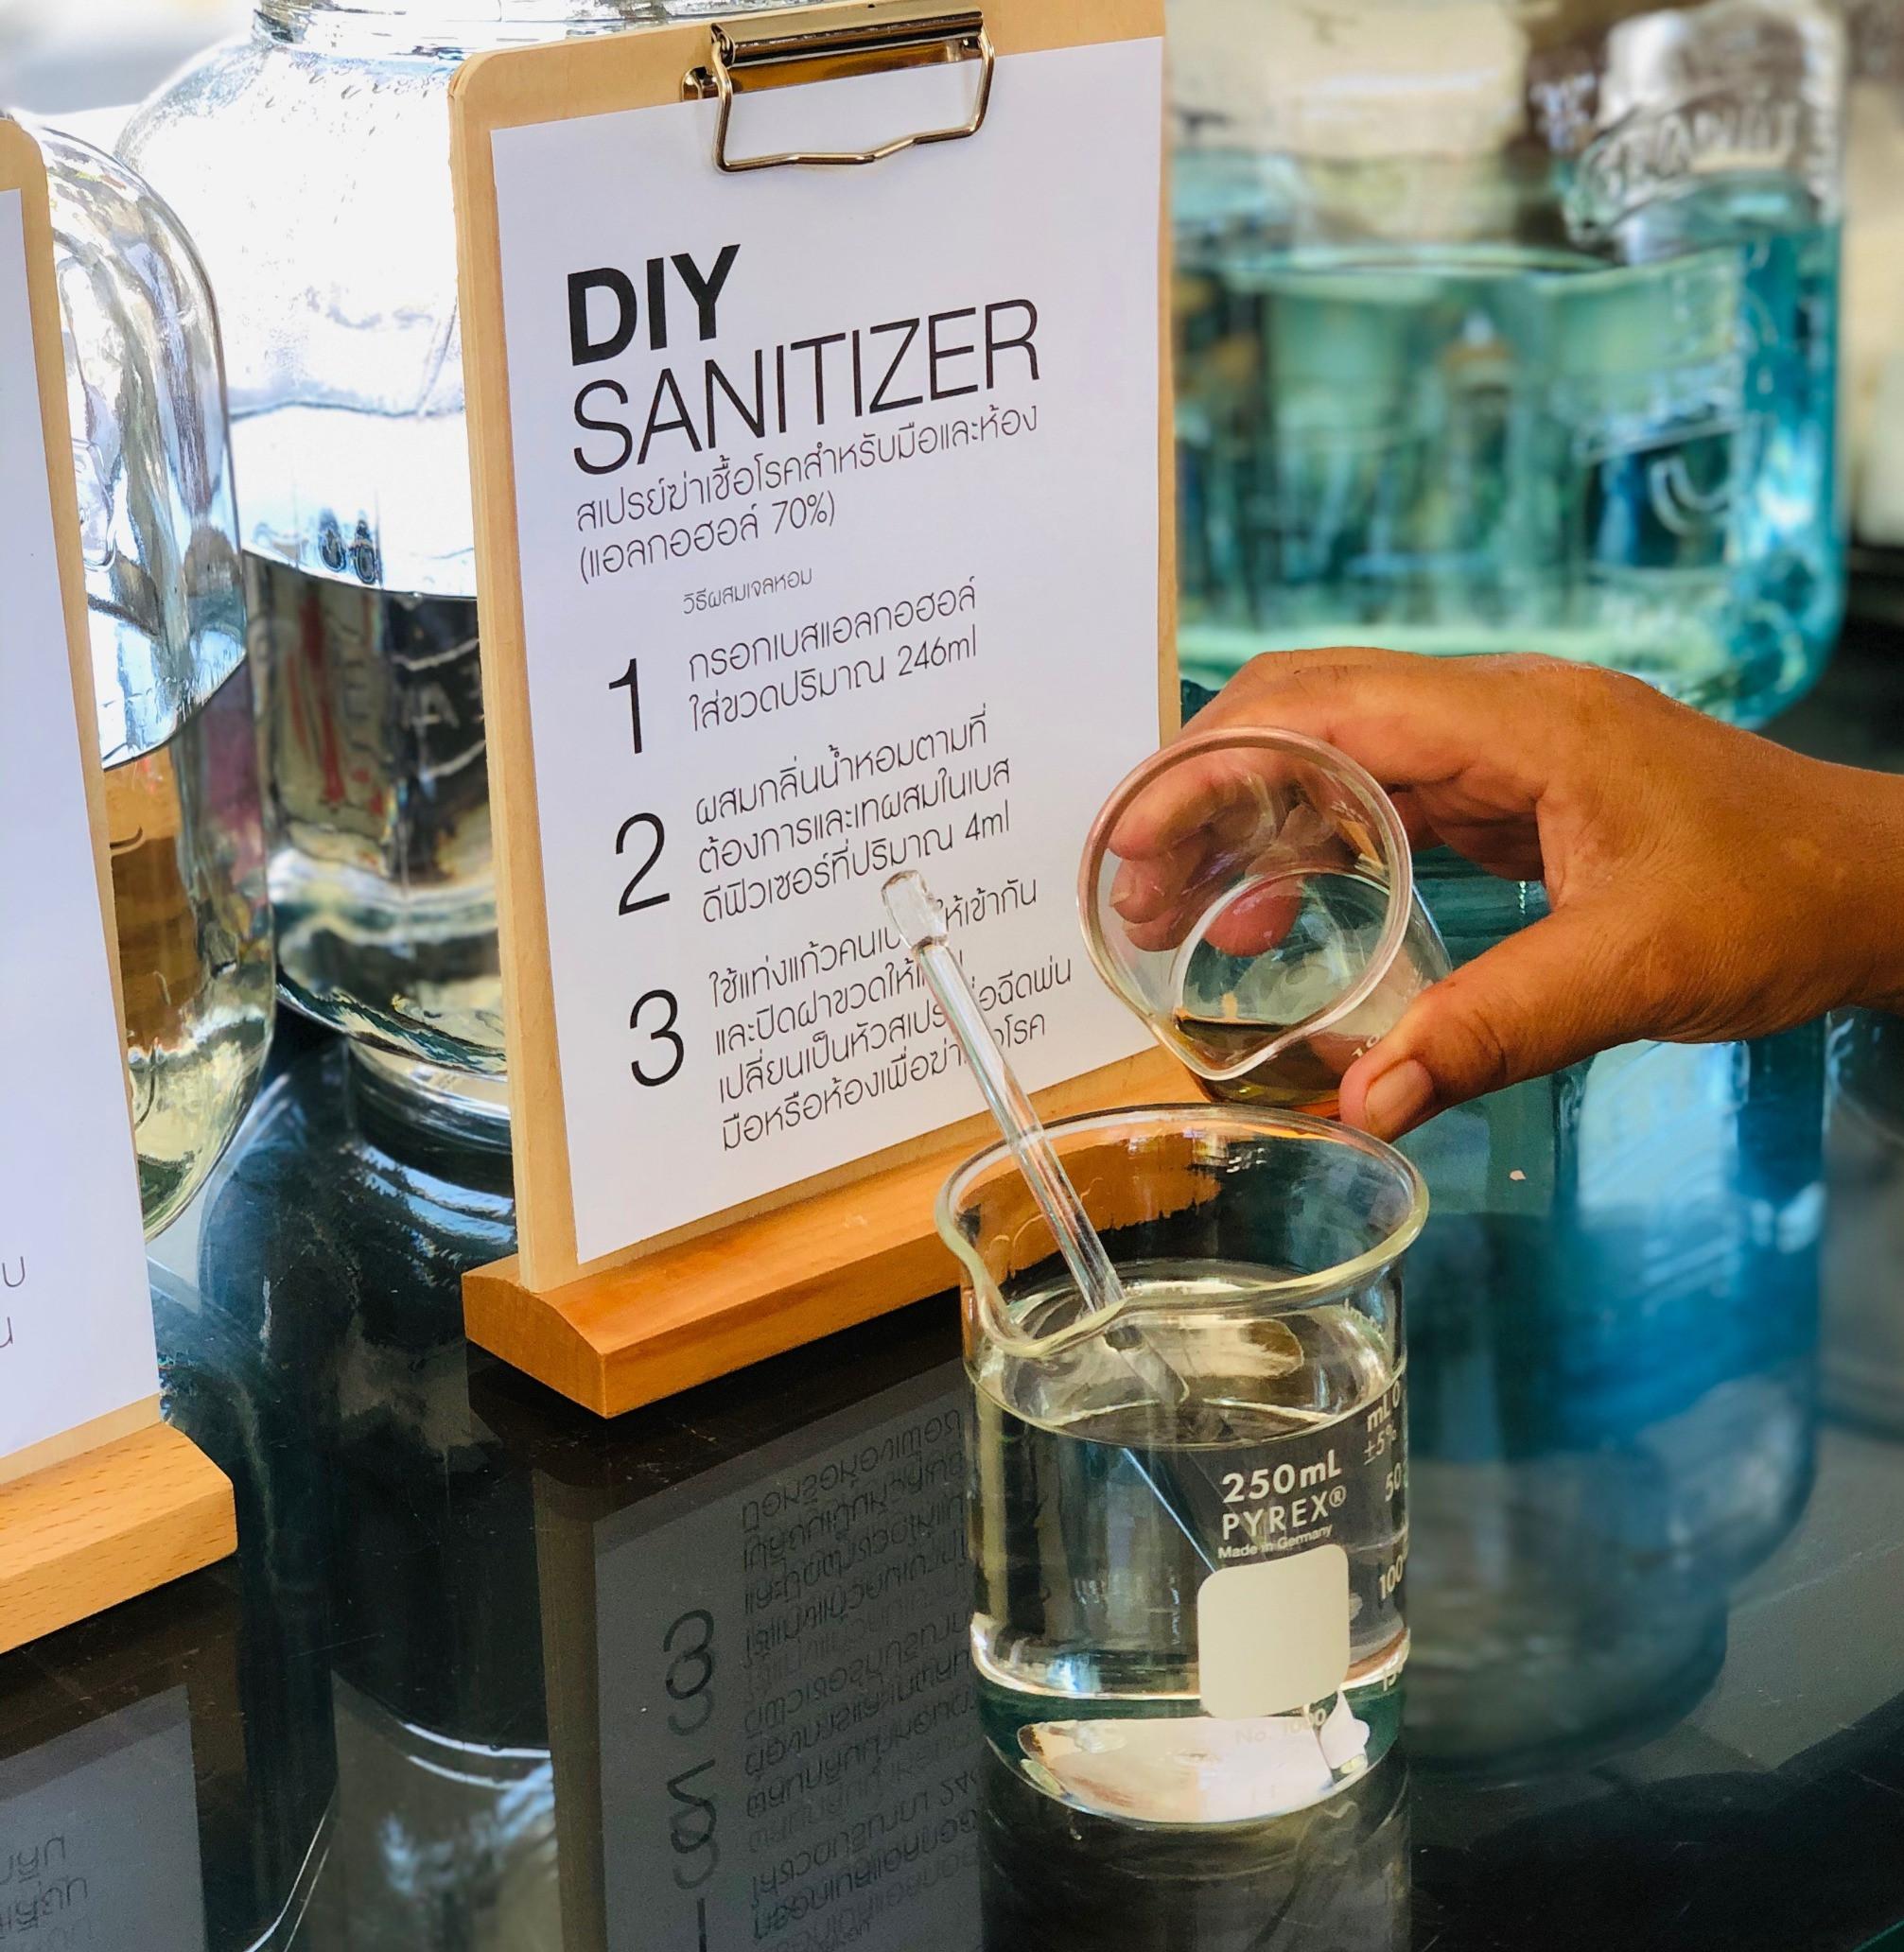 Aroma Sanitizer